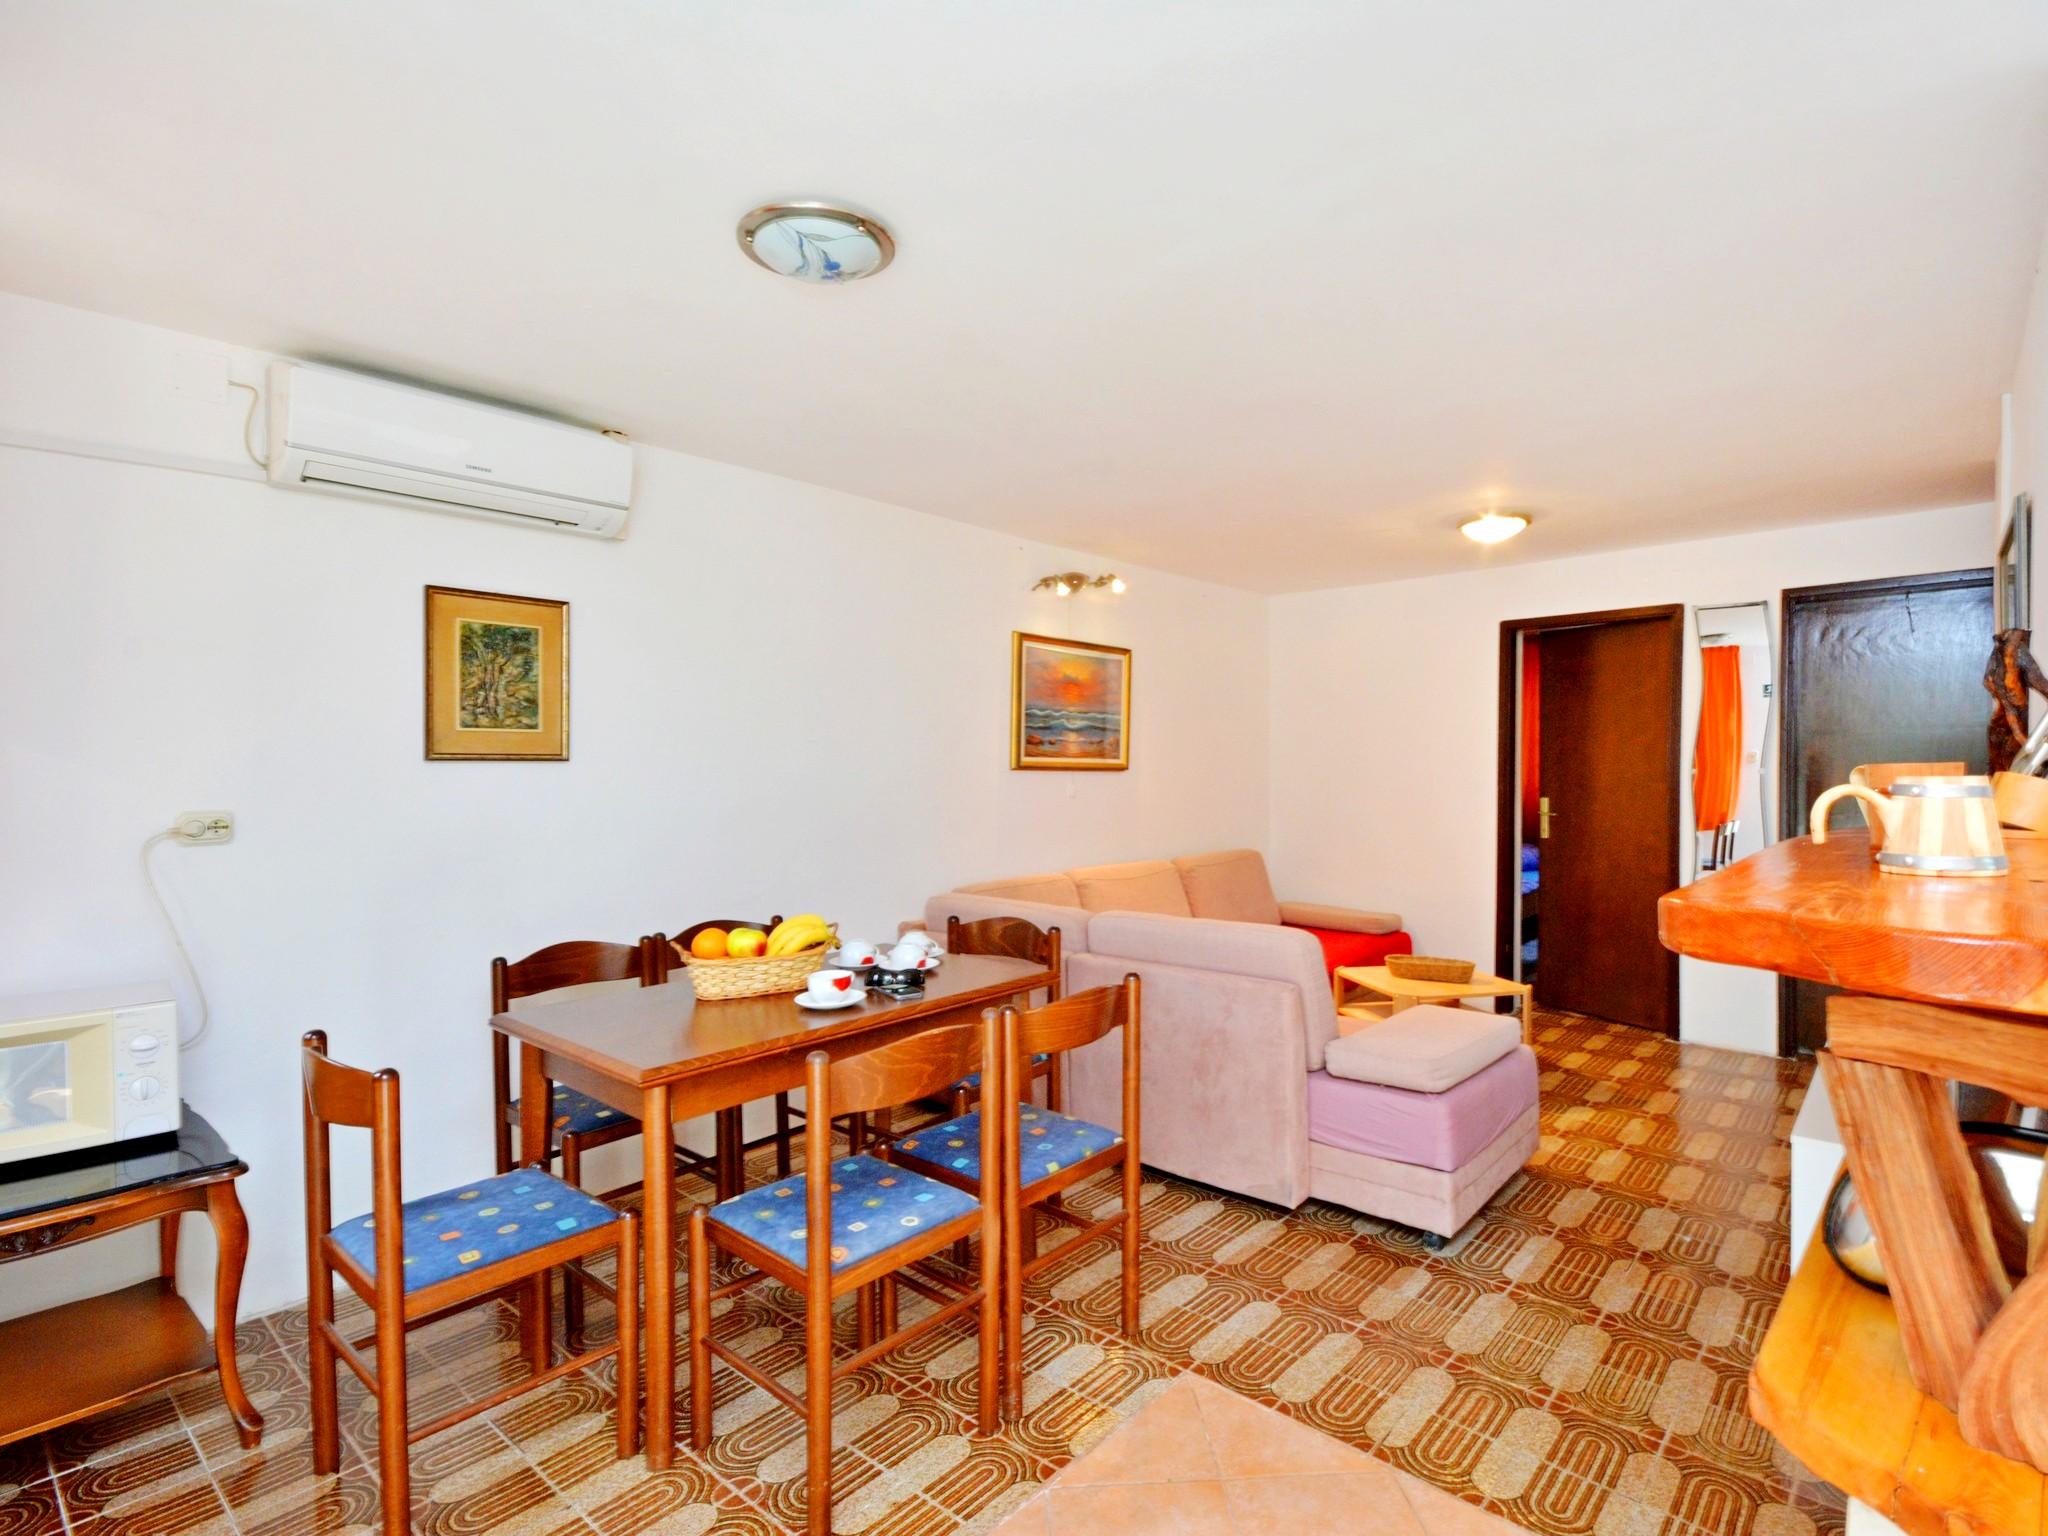 Ferienwohnung Ferienwohnungen Duaan, Apartman A4 (942266), Vrbanj, Insel Hvar, Dalmatien, Kroatien, Bild 13